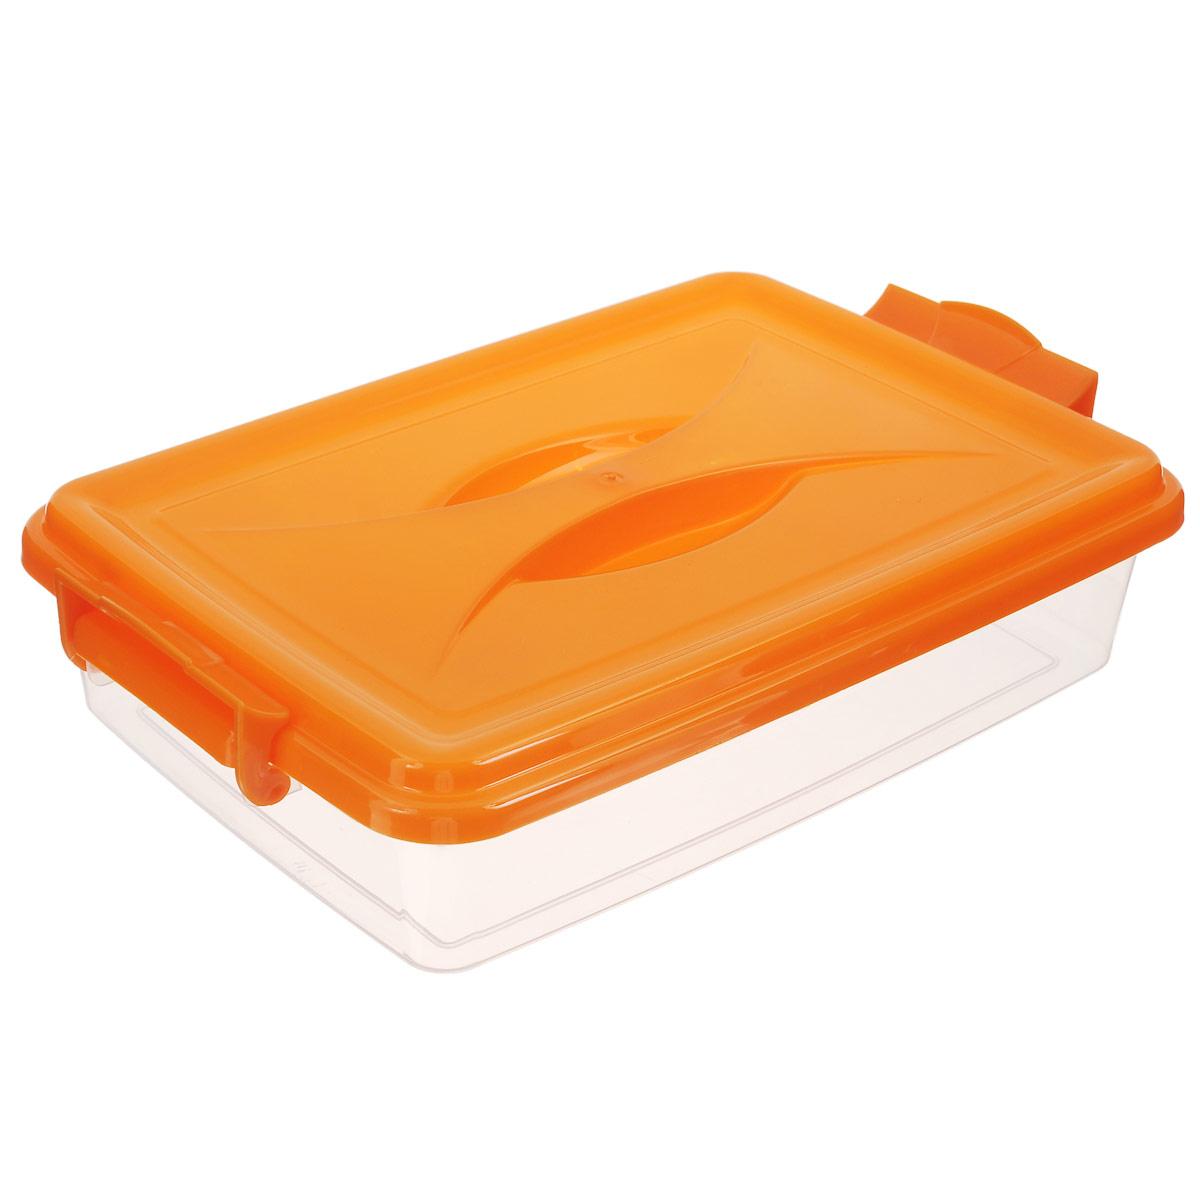 Контейнер Альтернатива, цвет: прозрачный, оранжевый, 4,5 лUP210DFКонтейнер Альтернатива выполнен из прочного пластика. Он предназначен для хранения различных мелких вещей. Крышка легко открывается и плотно закрывается. Прозрачные стенки позволяют видеть содержимое. По бокам предусмотрены две удобные ручки, с помощью которых контейнер закрывается.Контейнер поможет хранить все в одном месте, а также защитить вещи от пыли, грязи и влаги.